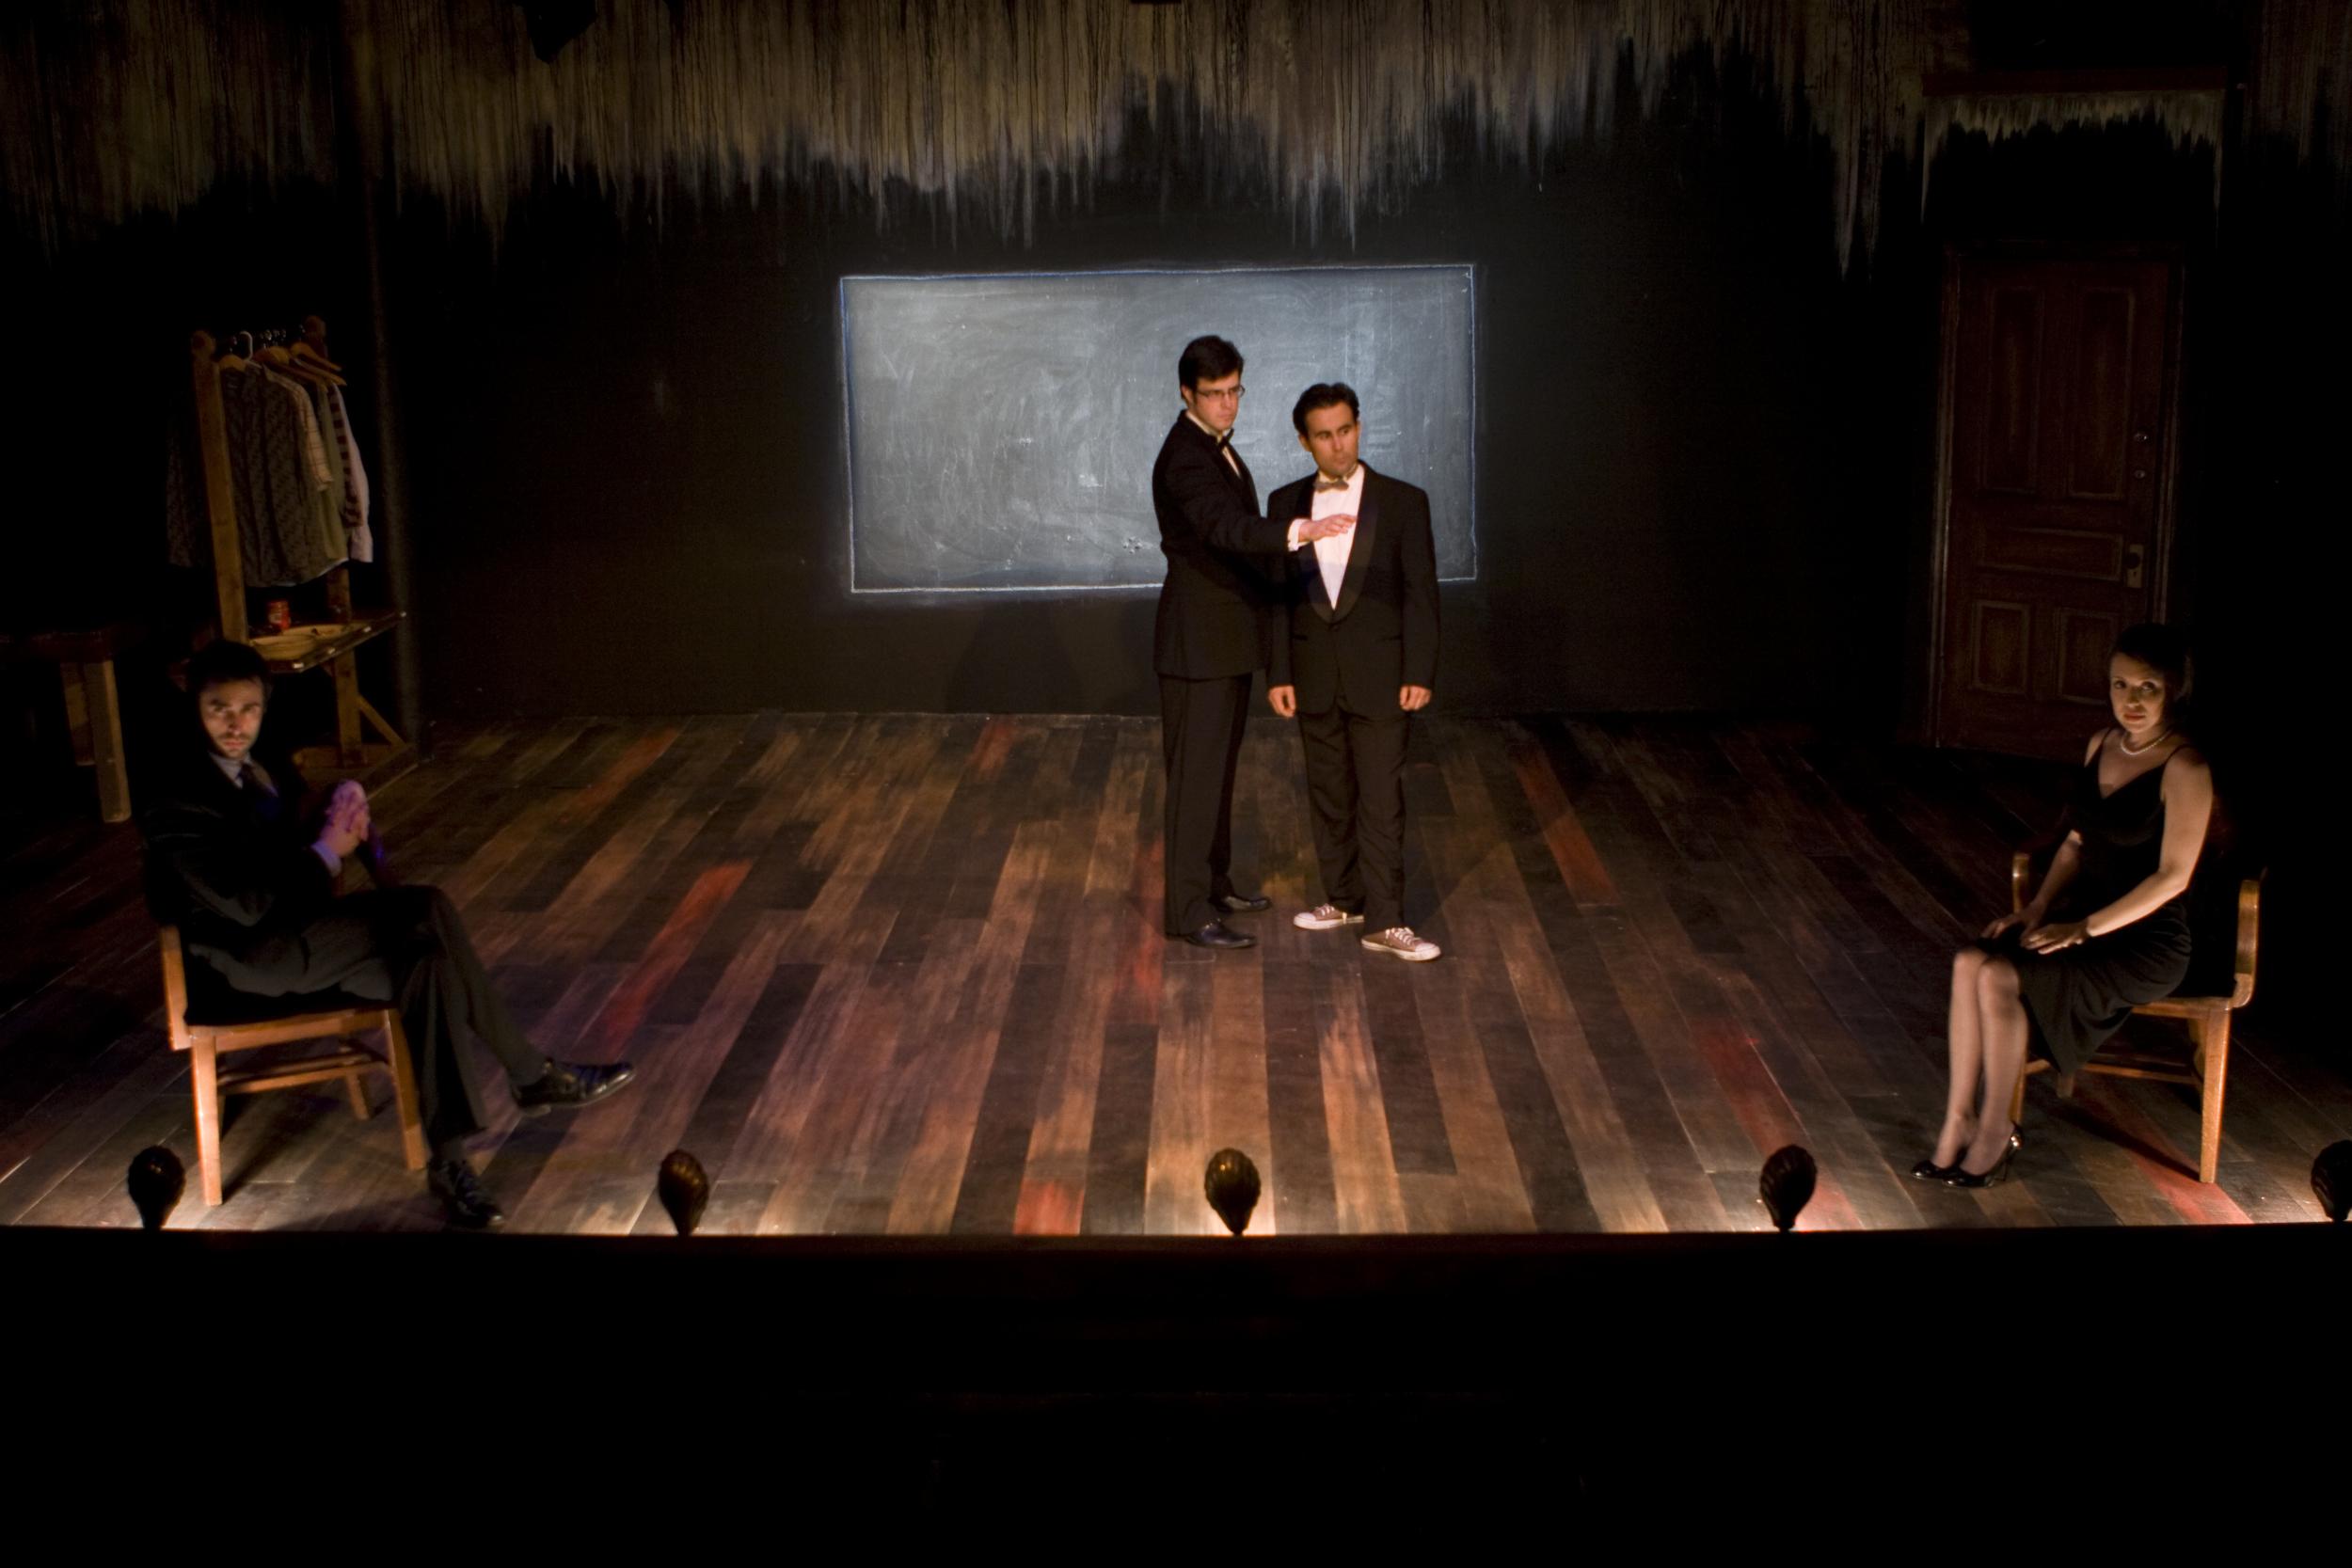 Murillo Mimesophobia Theatre Seven 2010.jpg